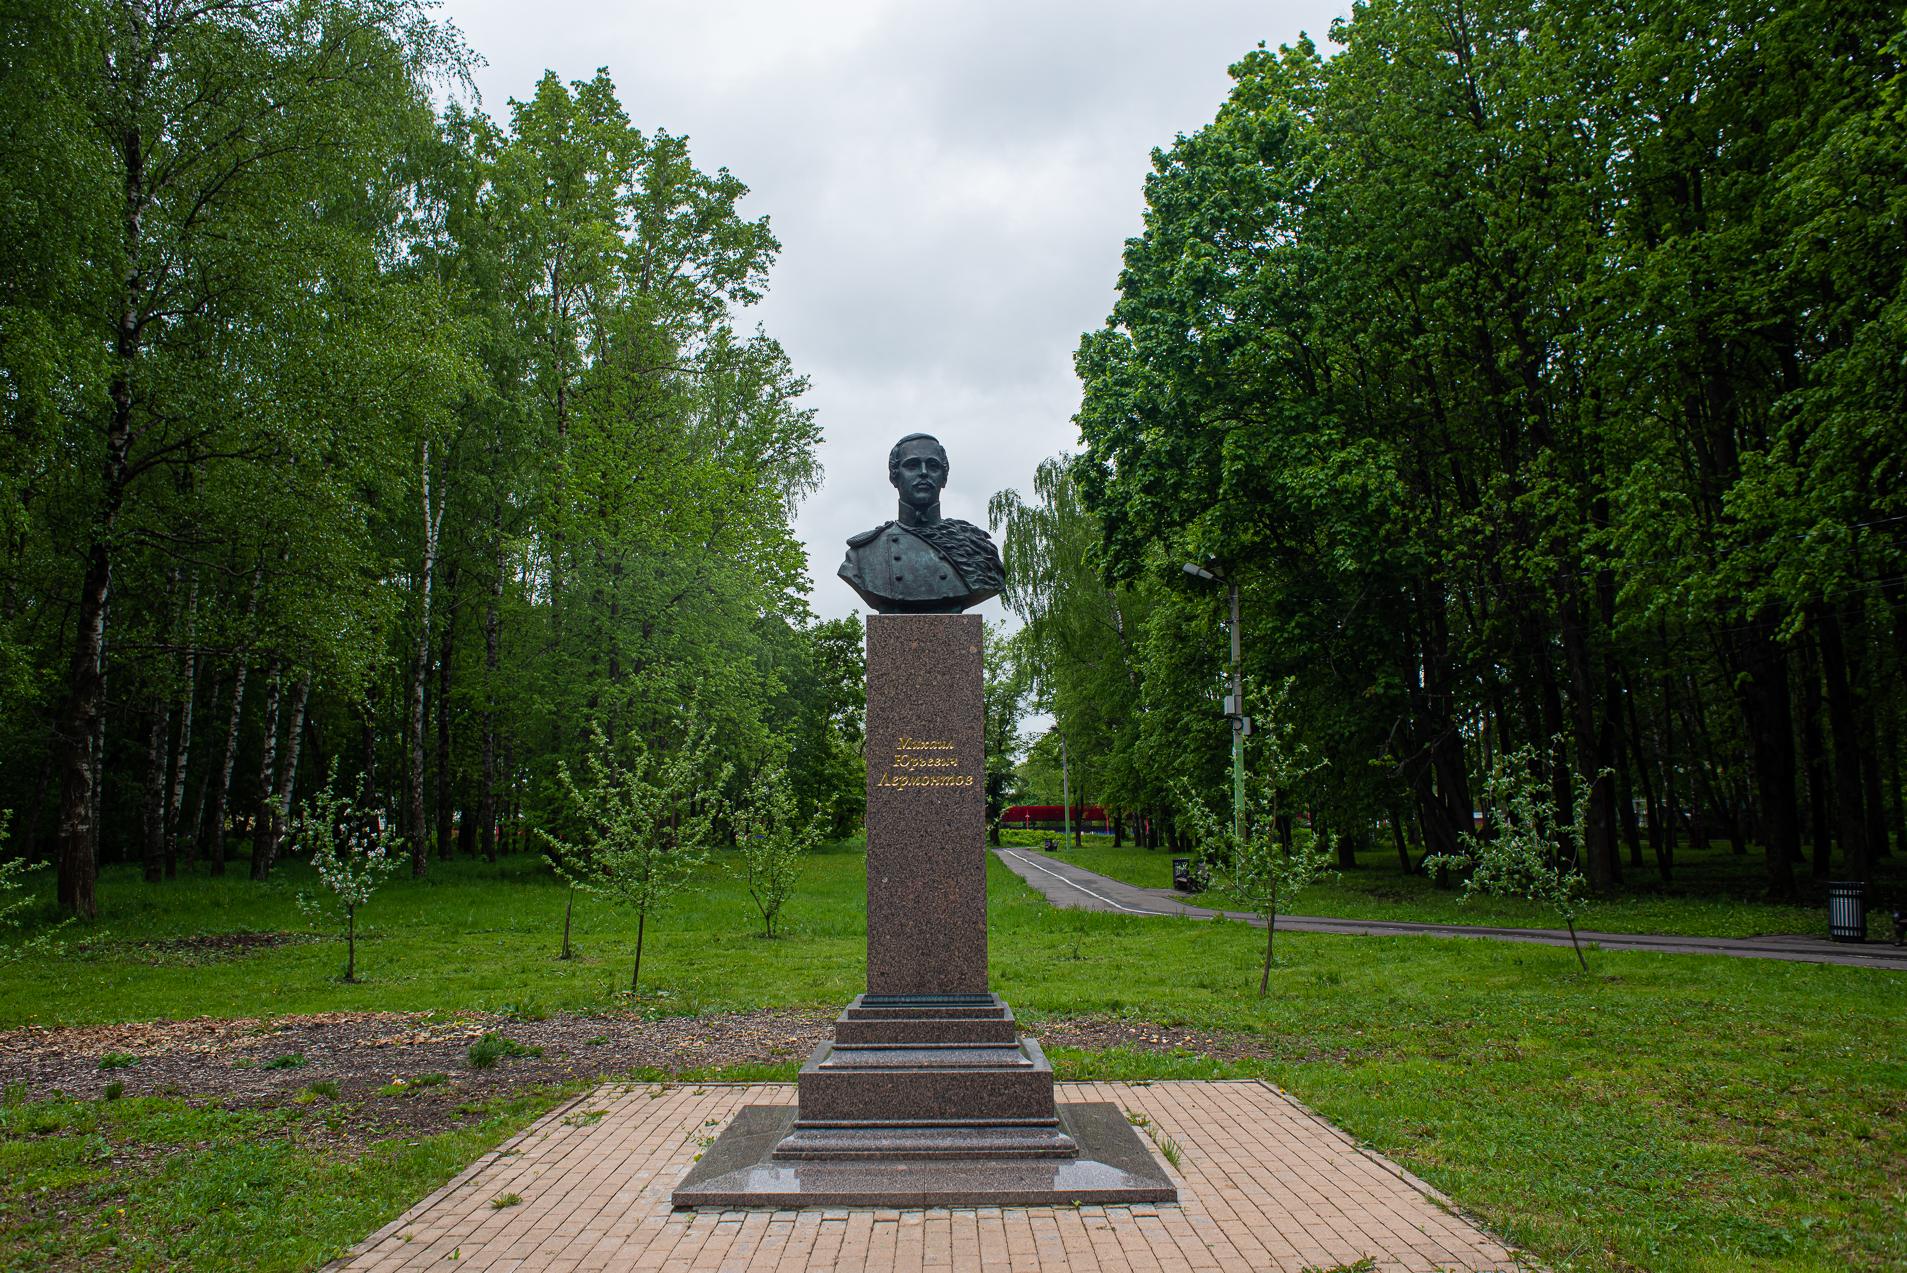 Солнечногорск, Парк Культуры и отдыха, Памятник Лермонтову